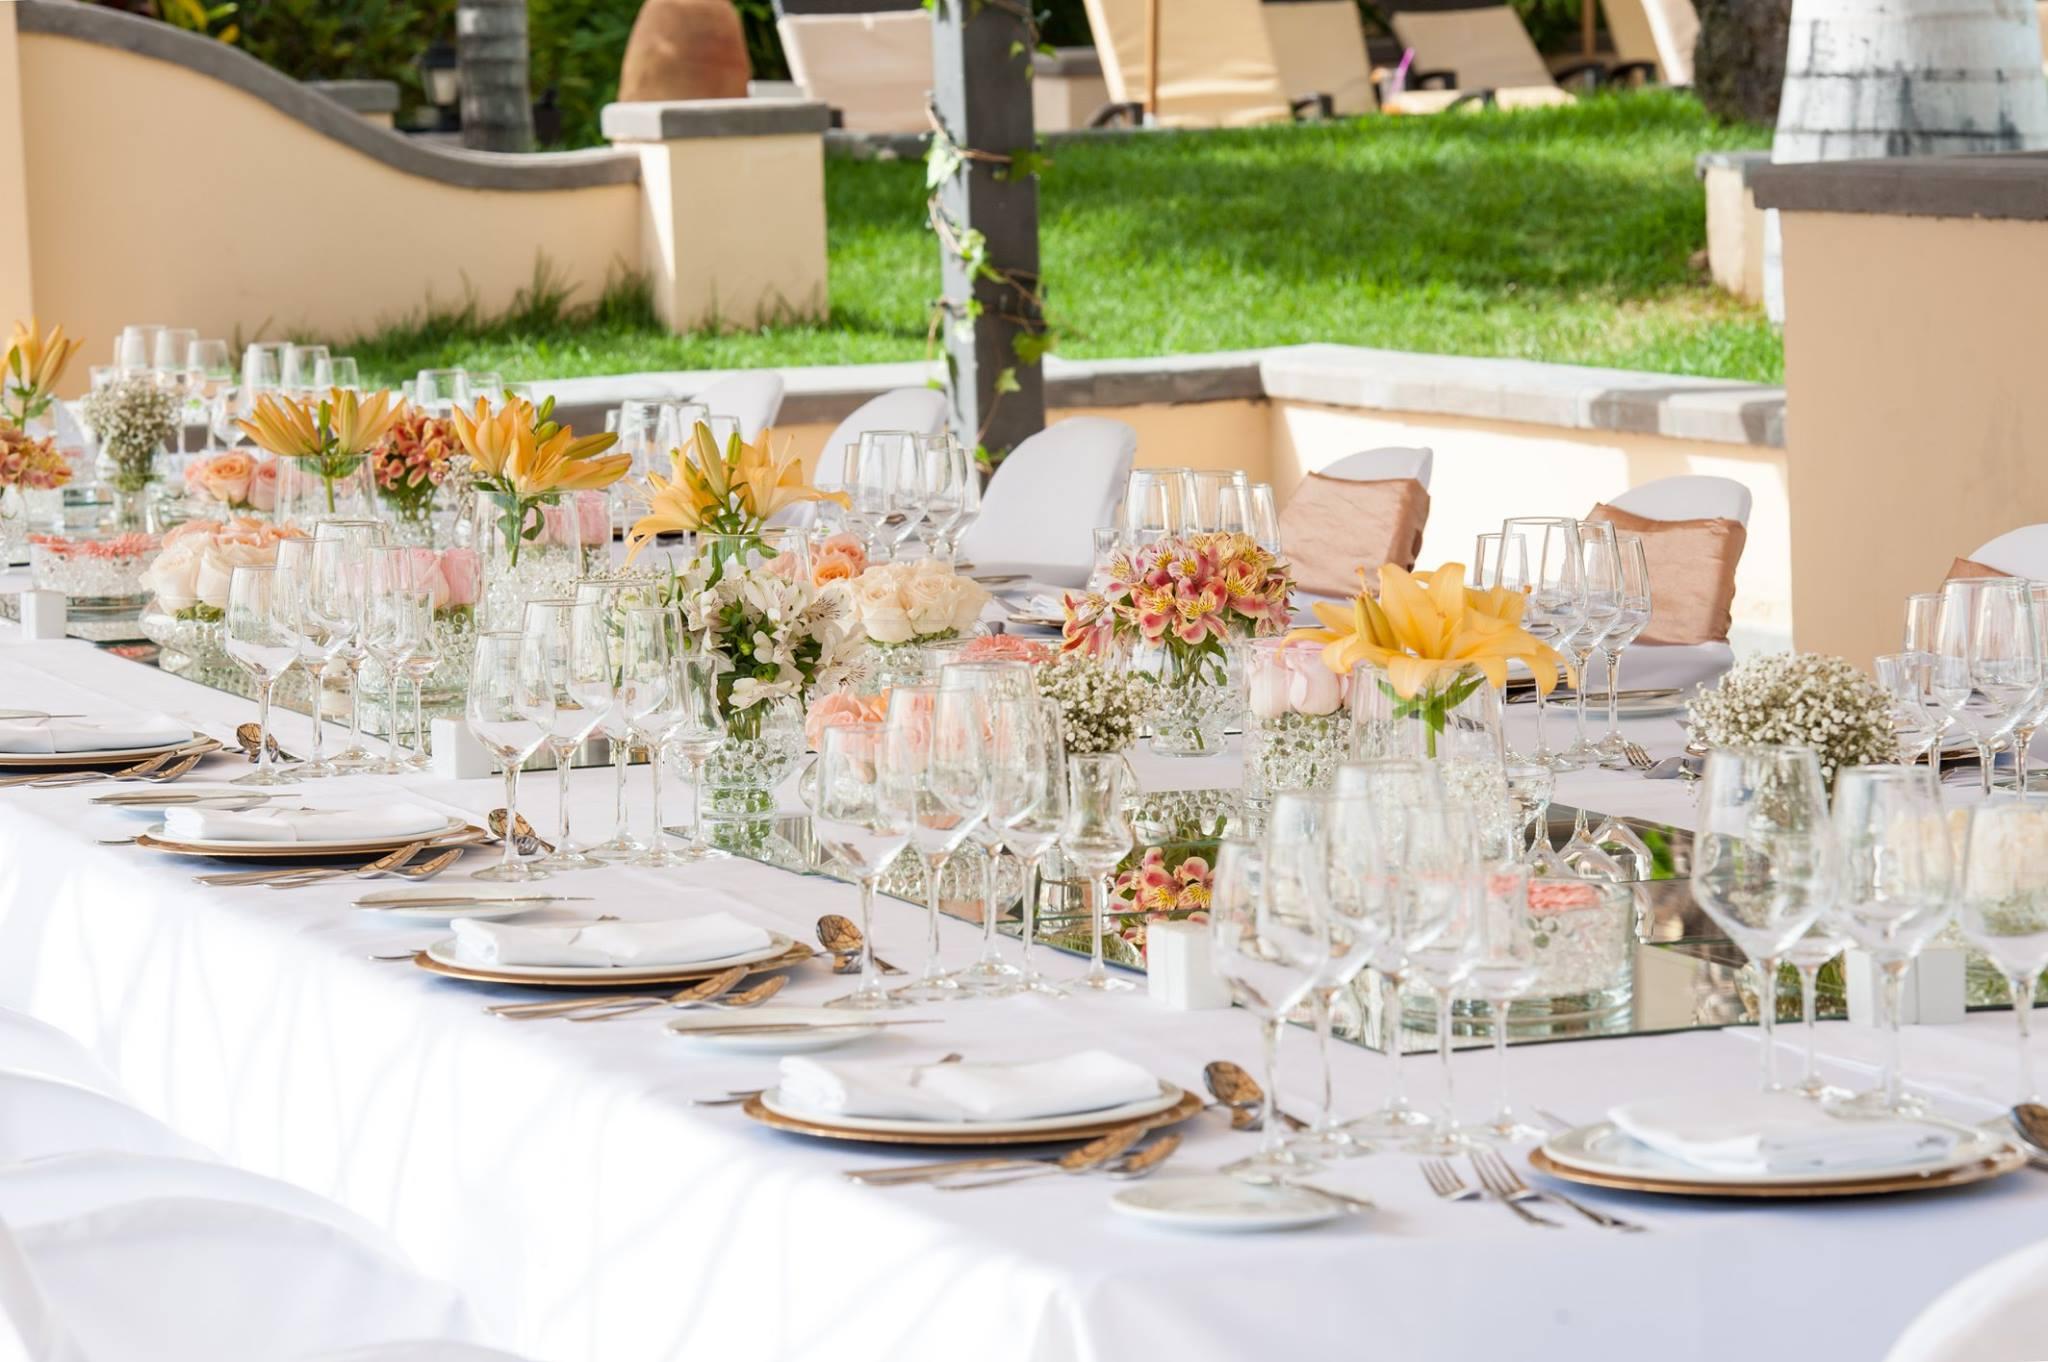 Basic table decor